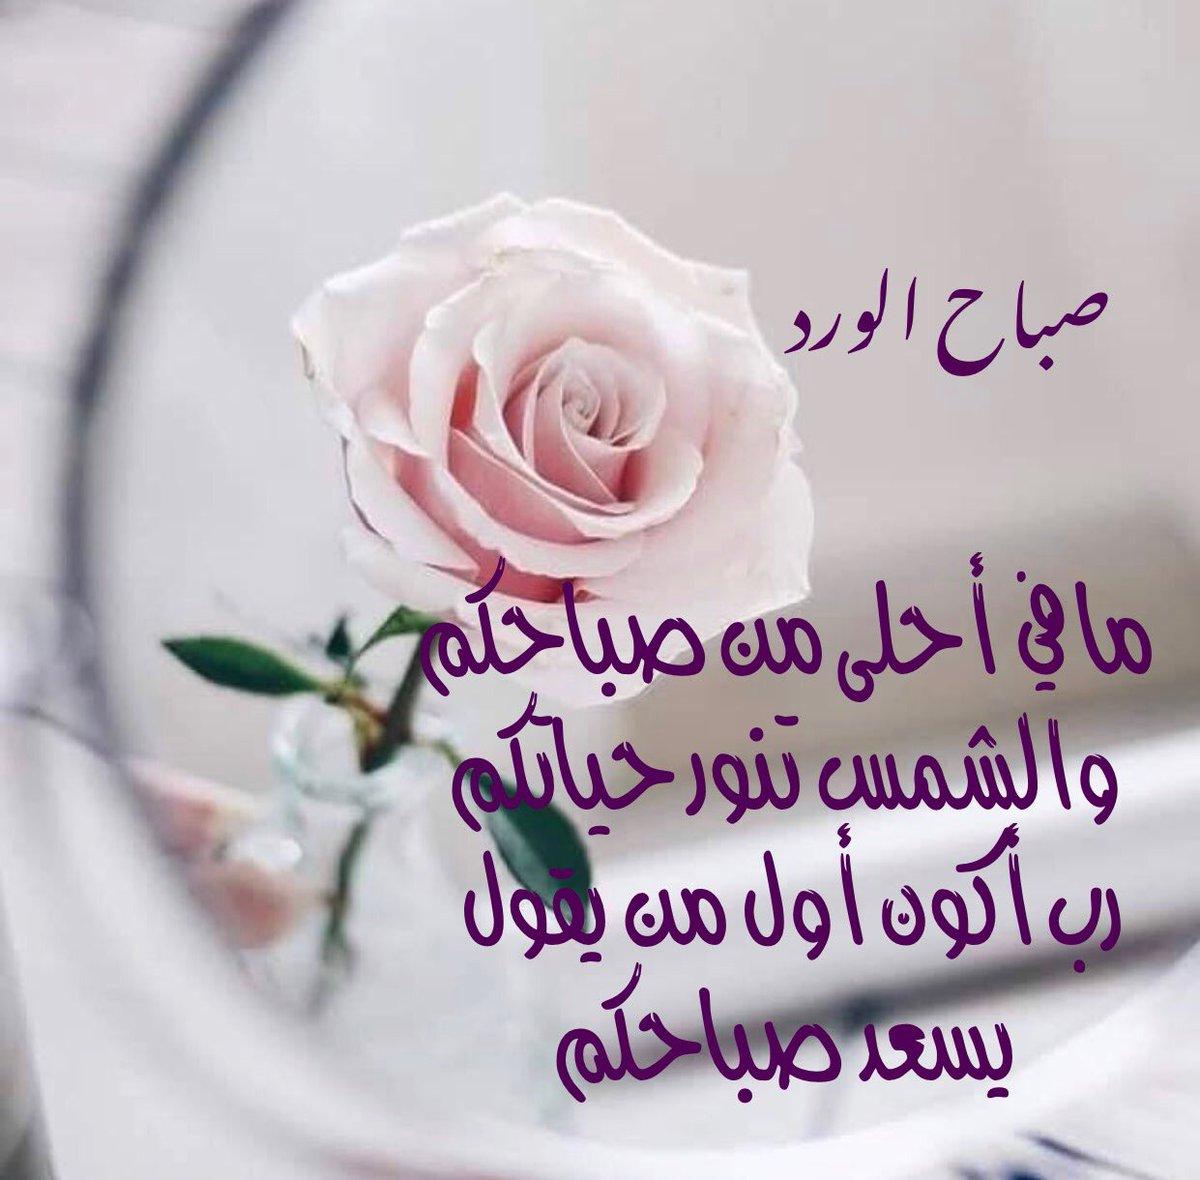 حبيبي صباح الخير اجمل عبارة لبدايه يوم جديد اجمل كلام الحب في